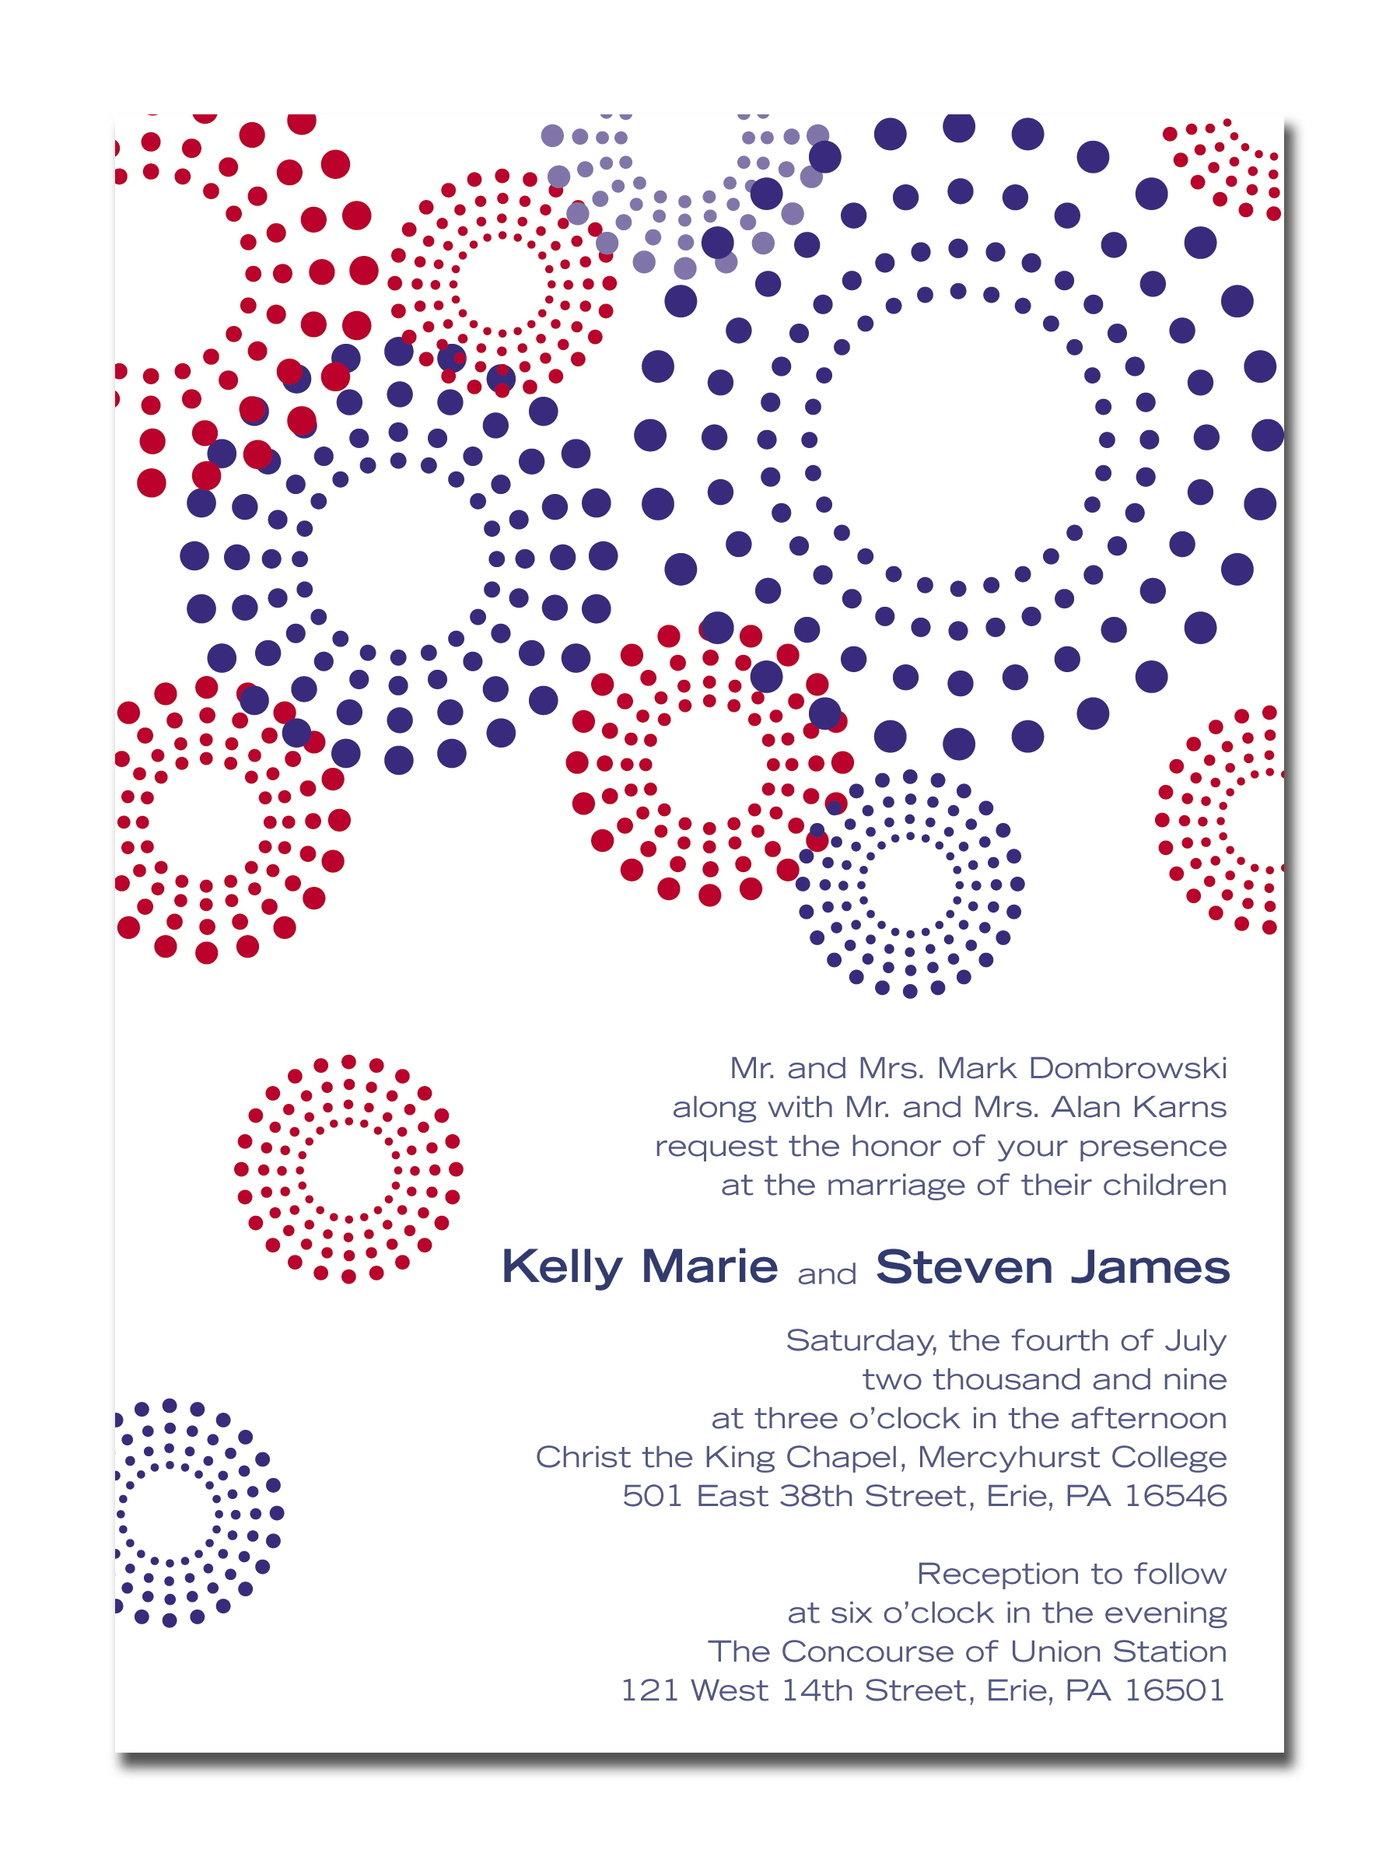 Invitations by Lauren Beck at Coroflot.com